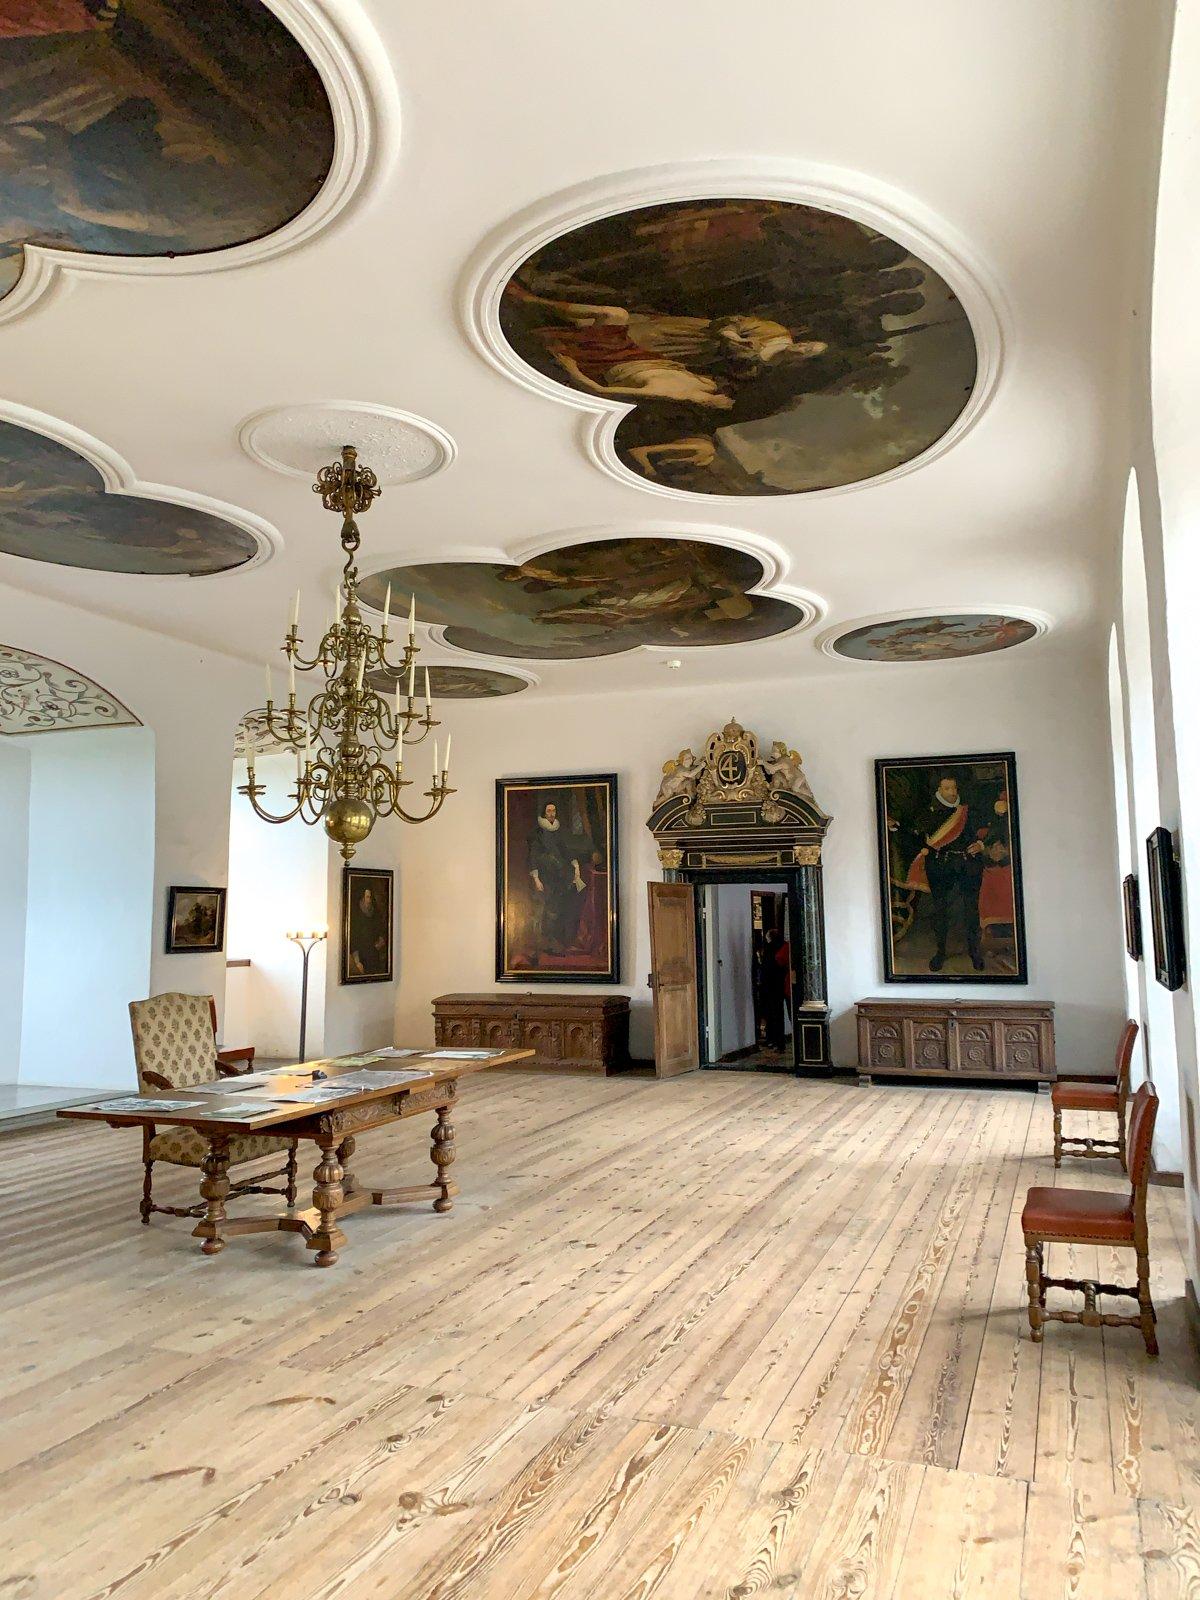 King's Chamber at Kronborg